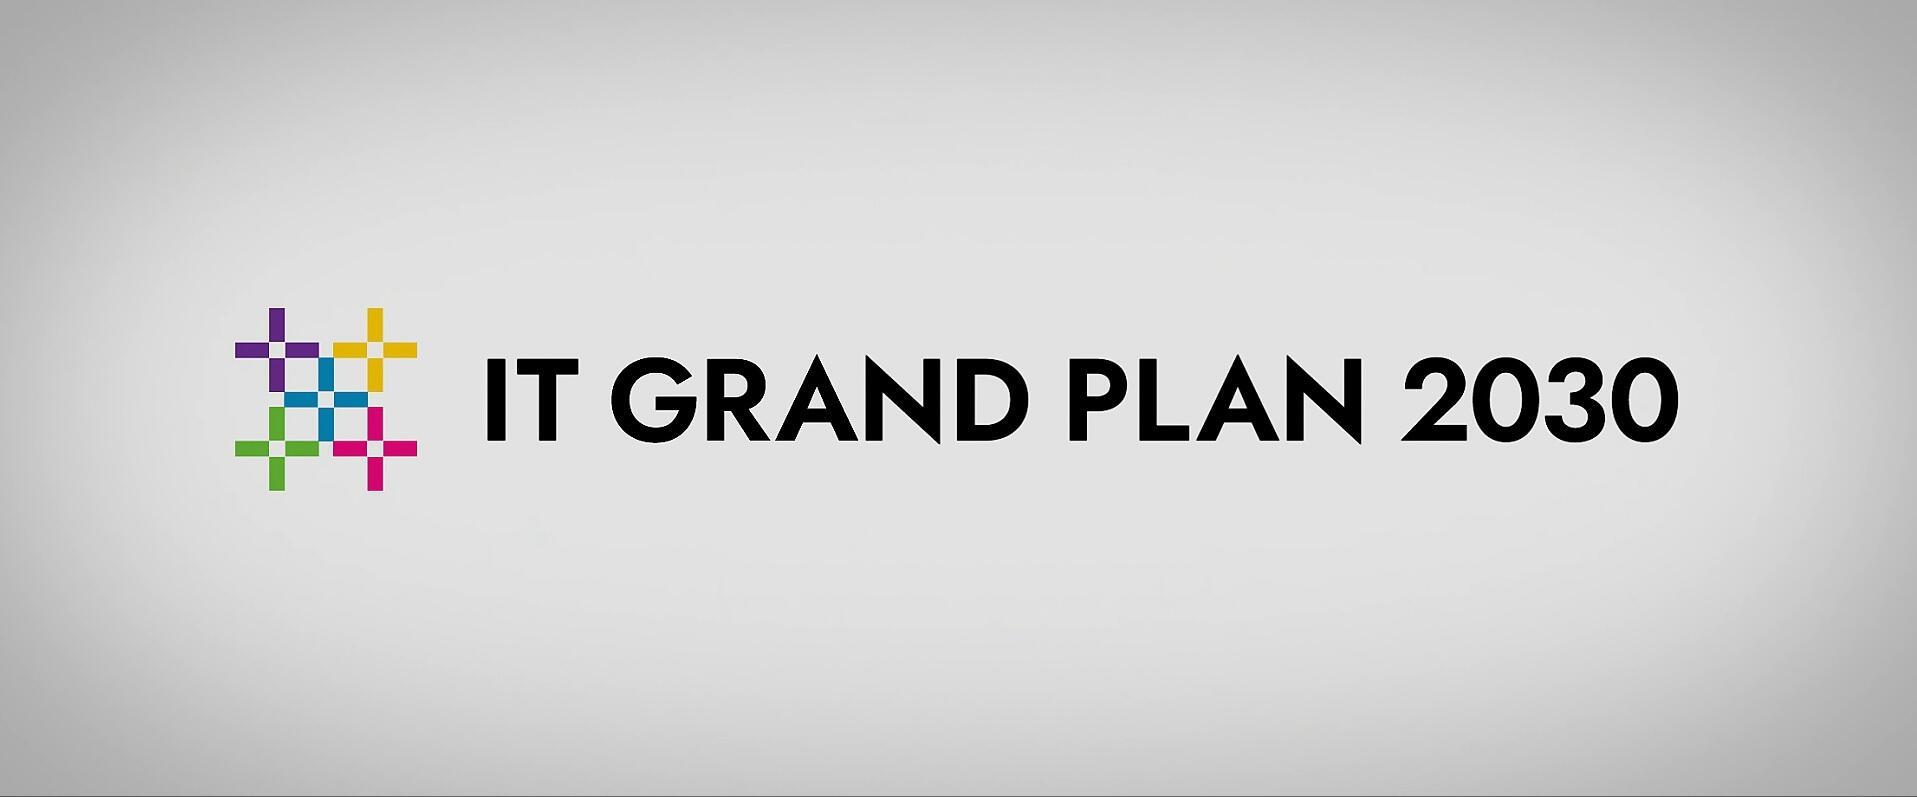 ITグランドプラン2030の動画